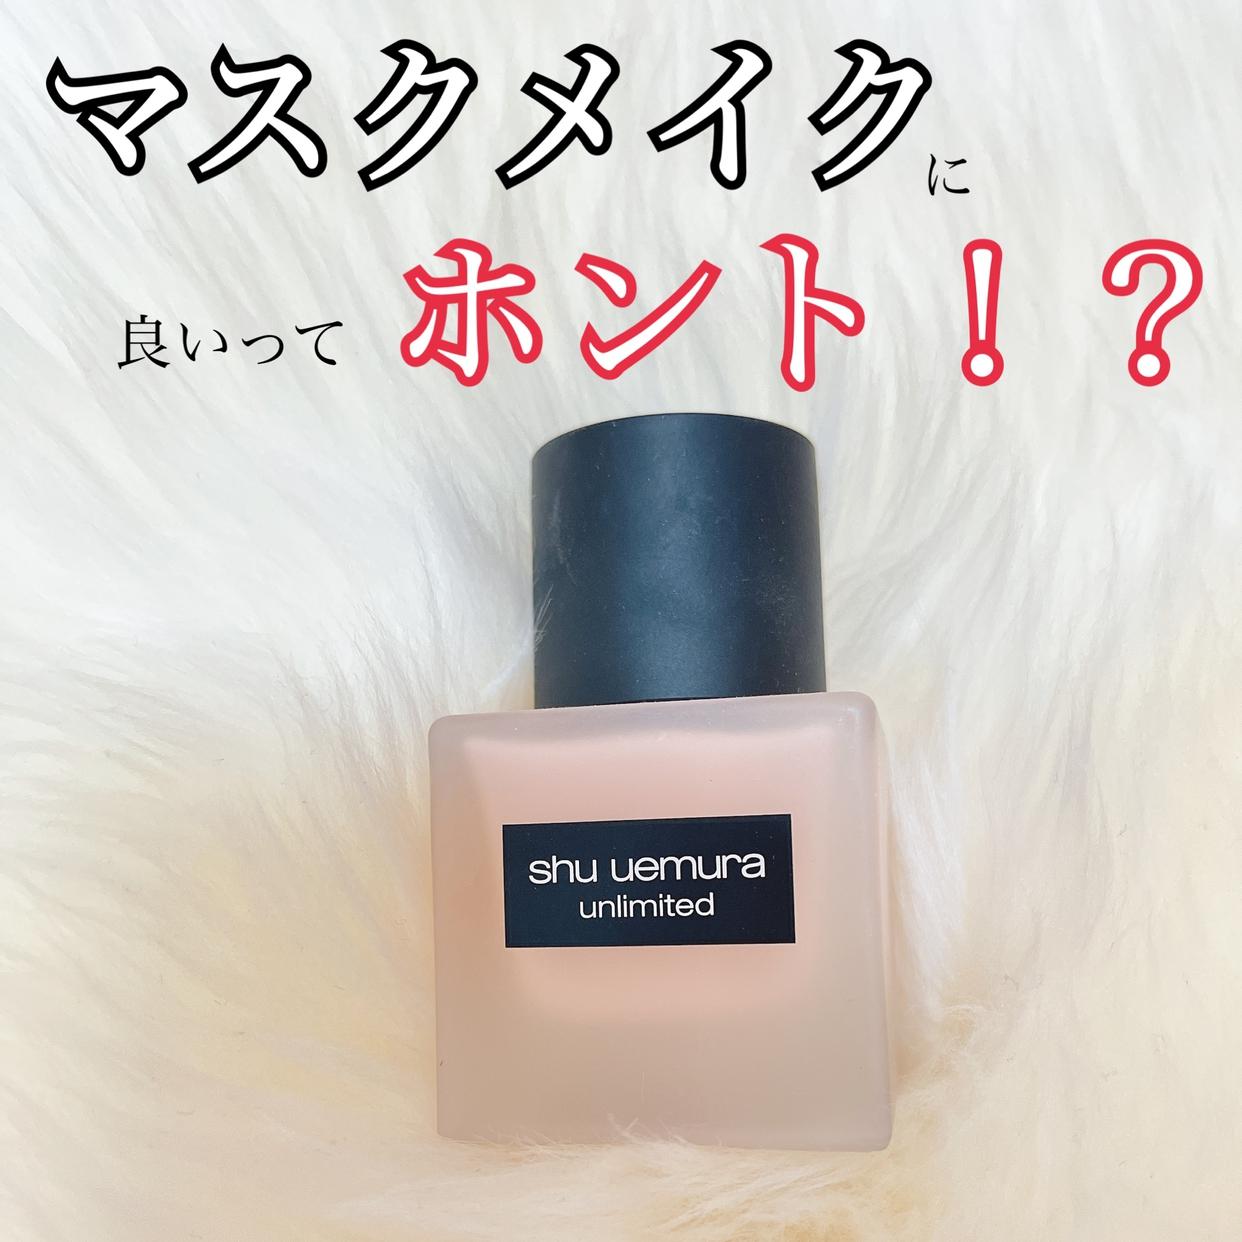 shu uemura(シュウ ウエムラ)アンリミテッド ラスティング フルイドを使った canさんのクチコミ画像